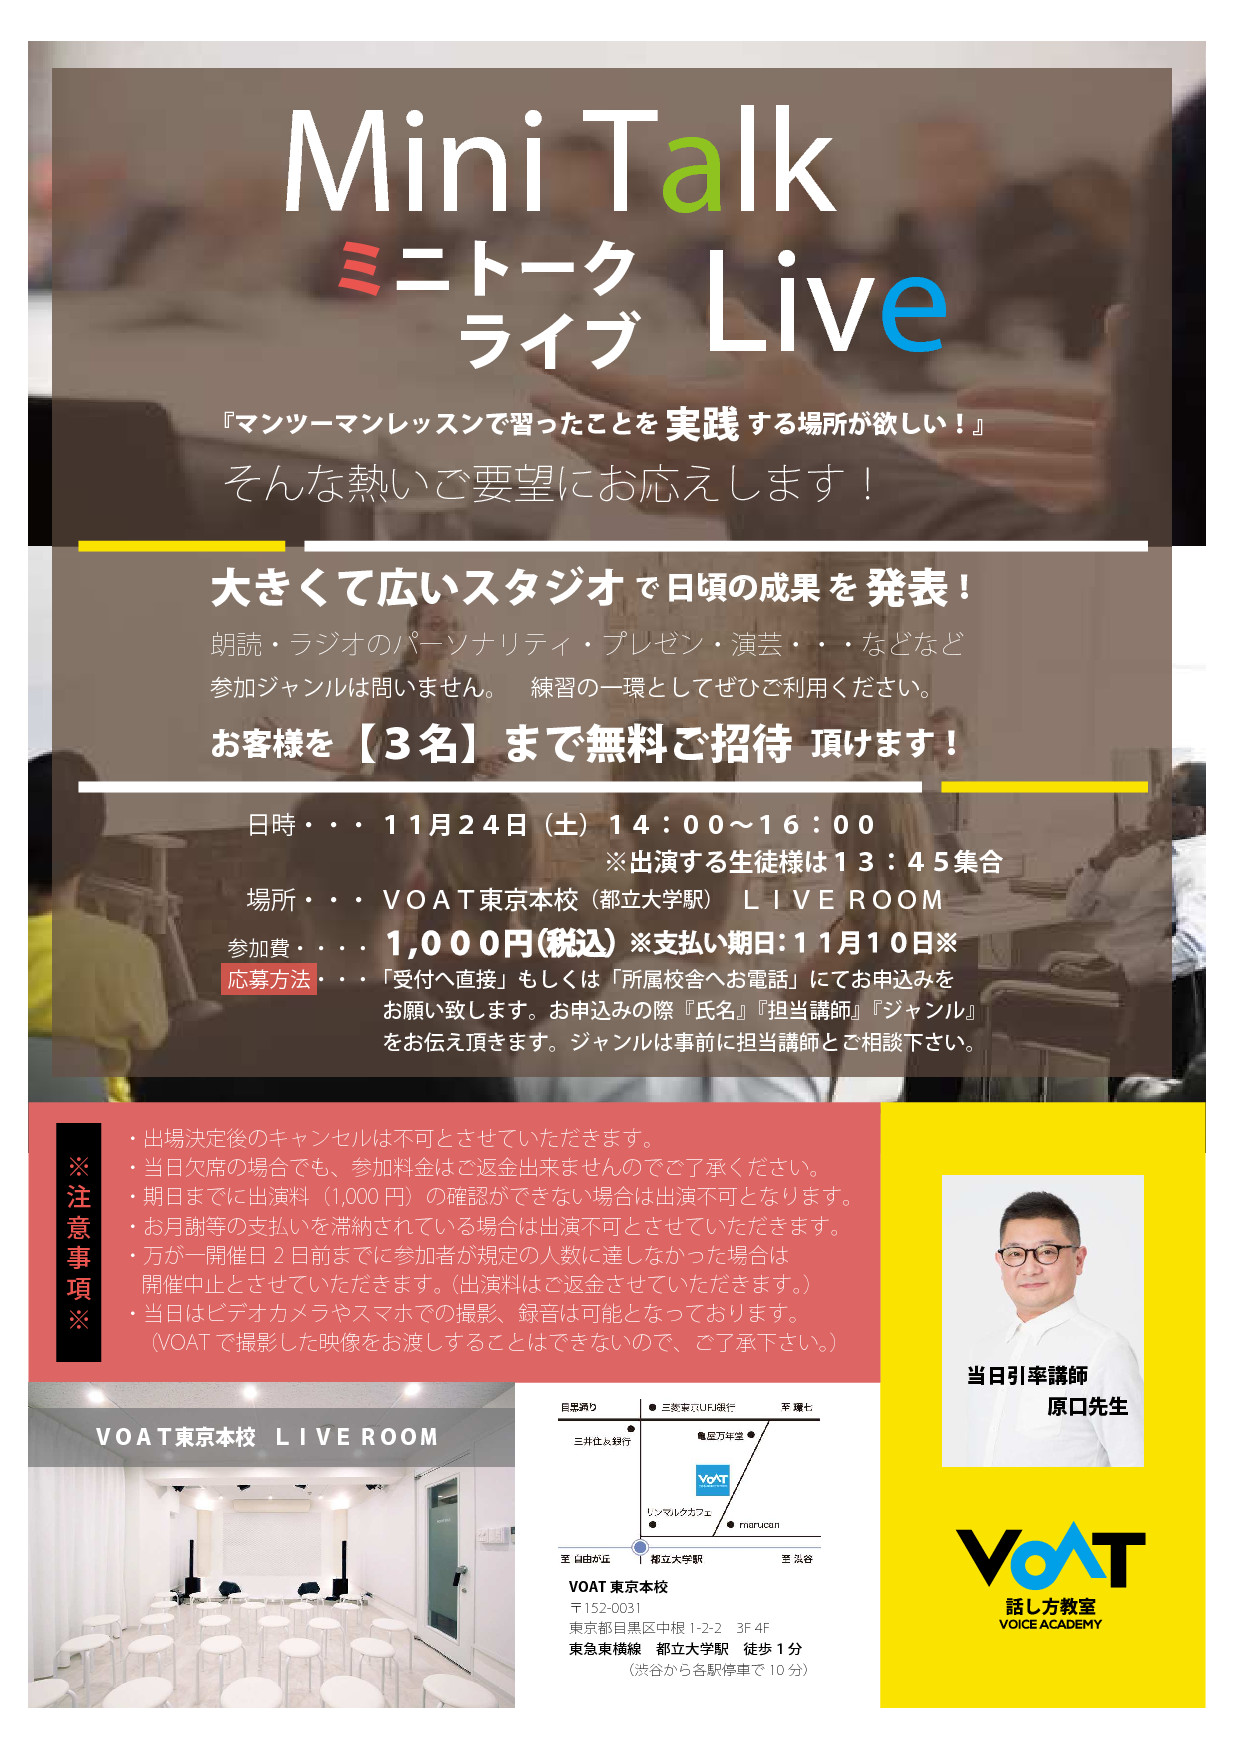 ミニトークライブ_POPver2.jpg